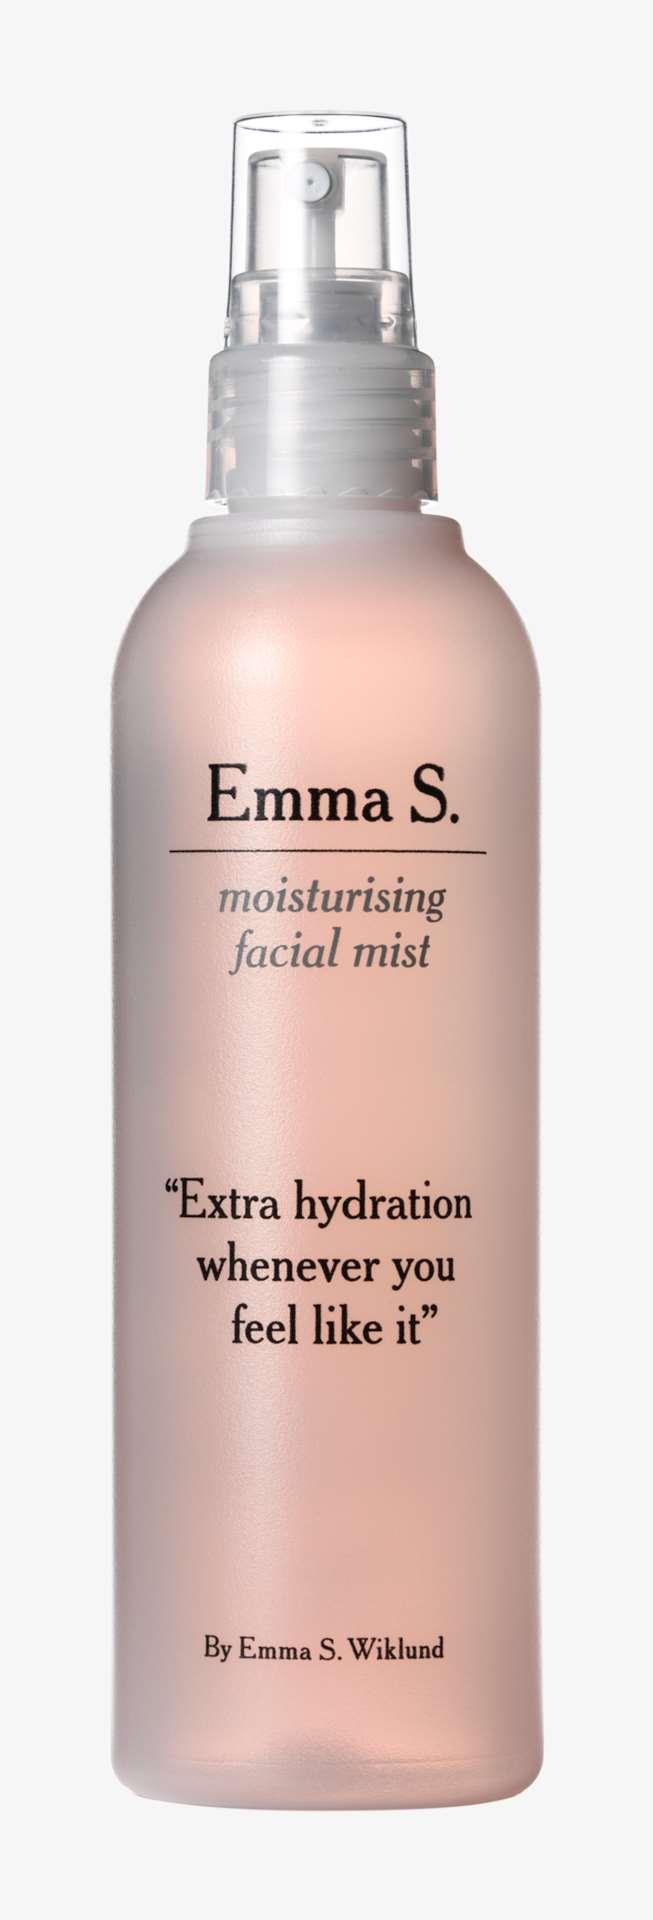 Emma S. Moisturising Facial Mist